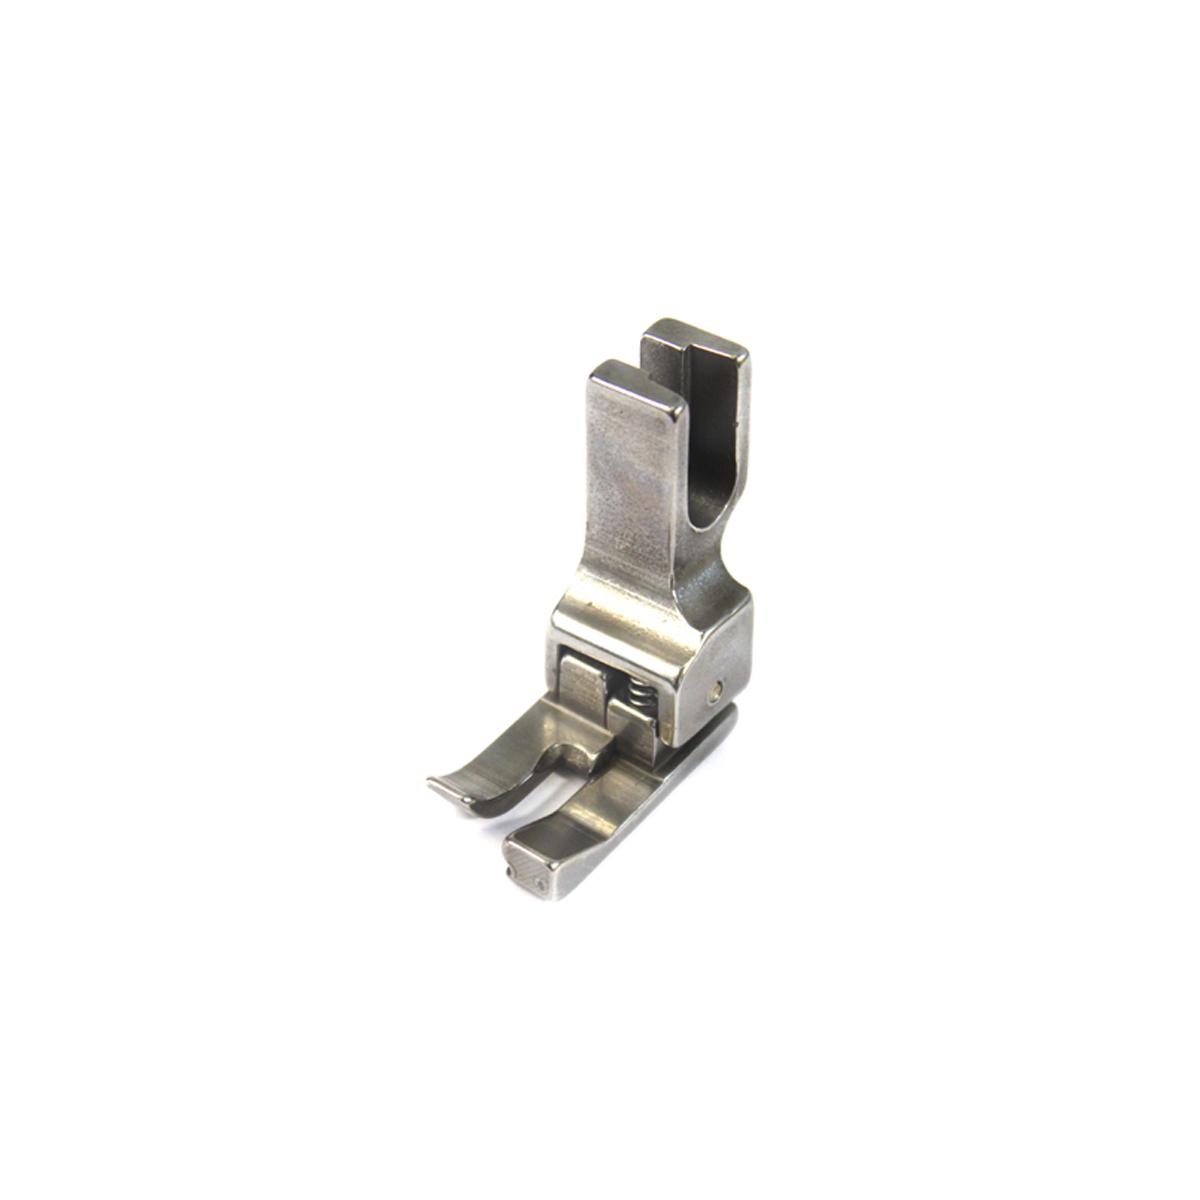 Лапка для швейной машины Bestex, правая, для отстрочки края материалов, 2 мм580834Лапка для швейной машины Bestex изготовлена из металла. Изделие используется для отстрочки края материалов. Подходит для большинства современных бытовых швейных машин.